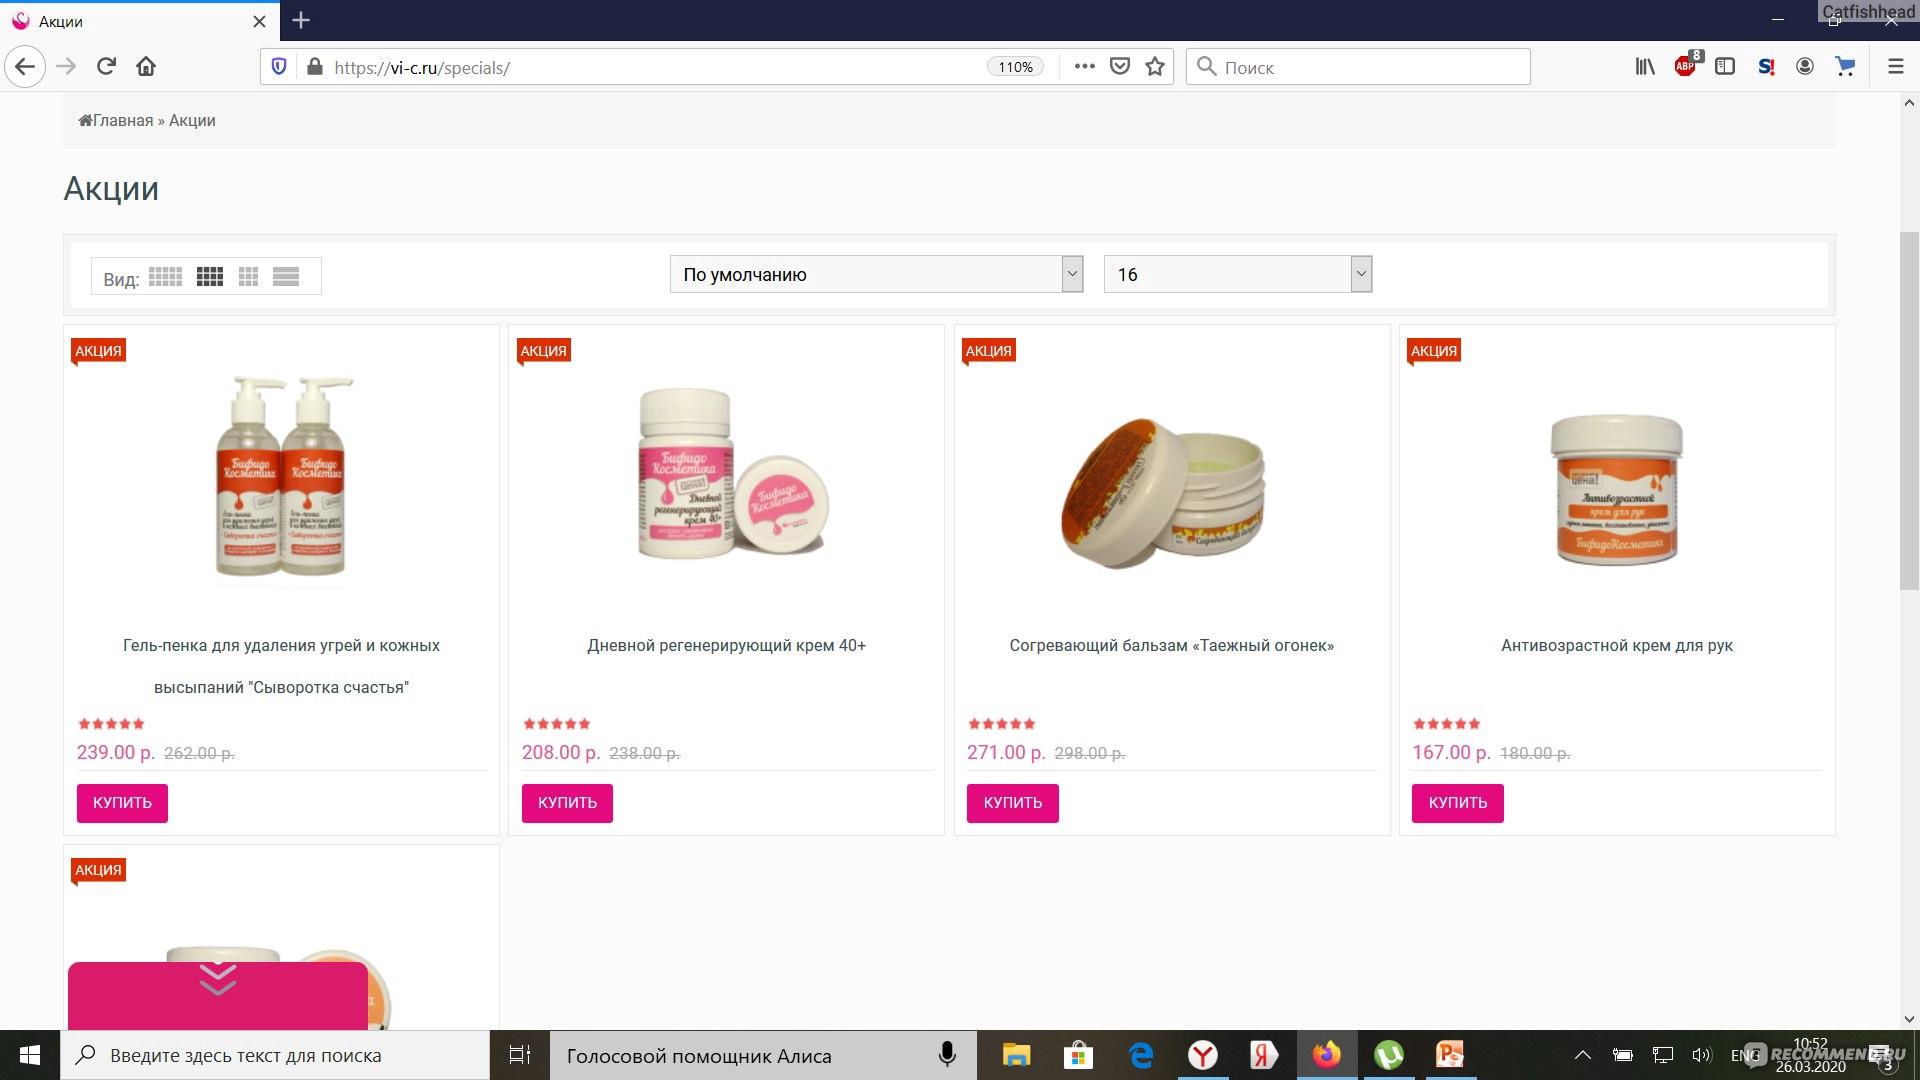 Косметика Сайт Интернет Магазин Отзывы